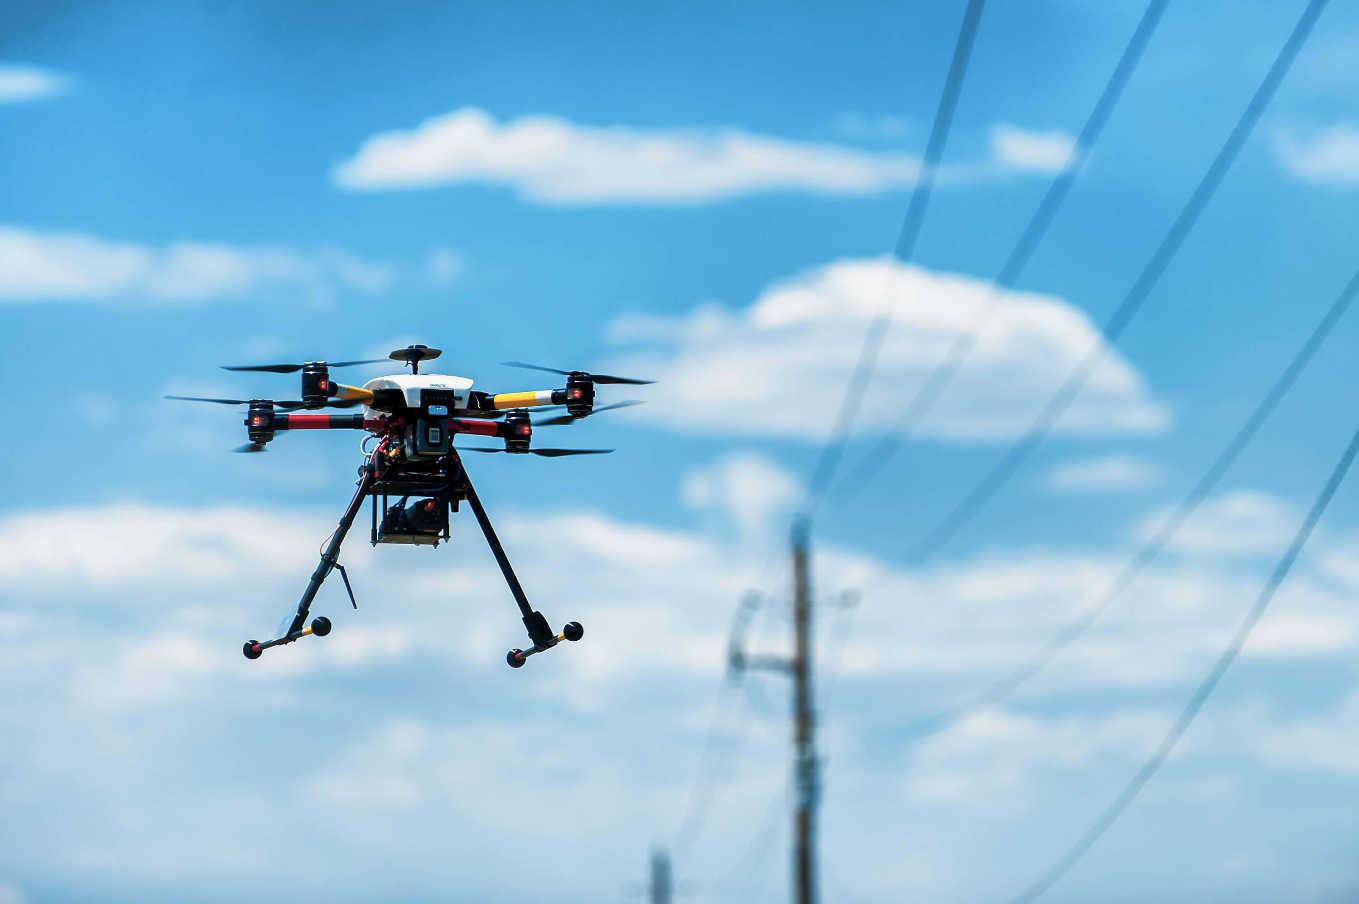 Thrush Aircraft et Drone America s'associent pour développer un drone bombardier d'eau